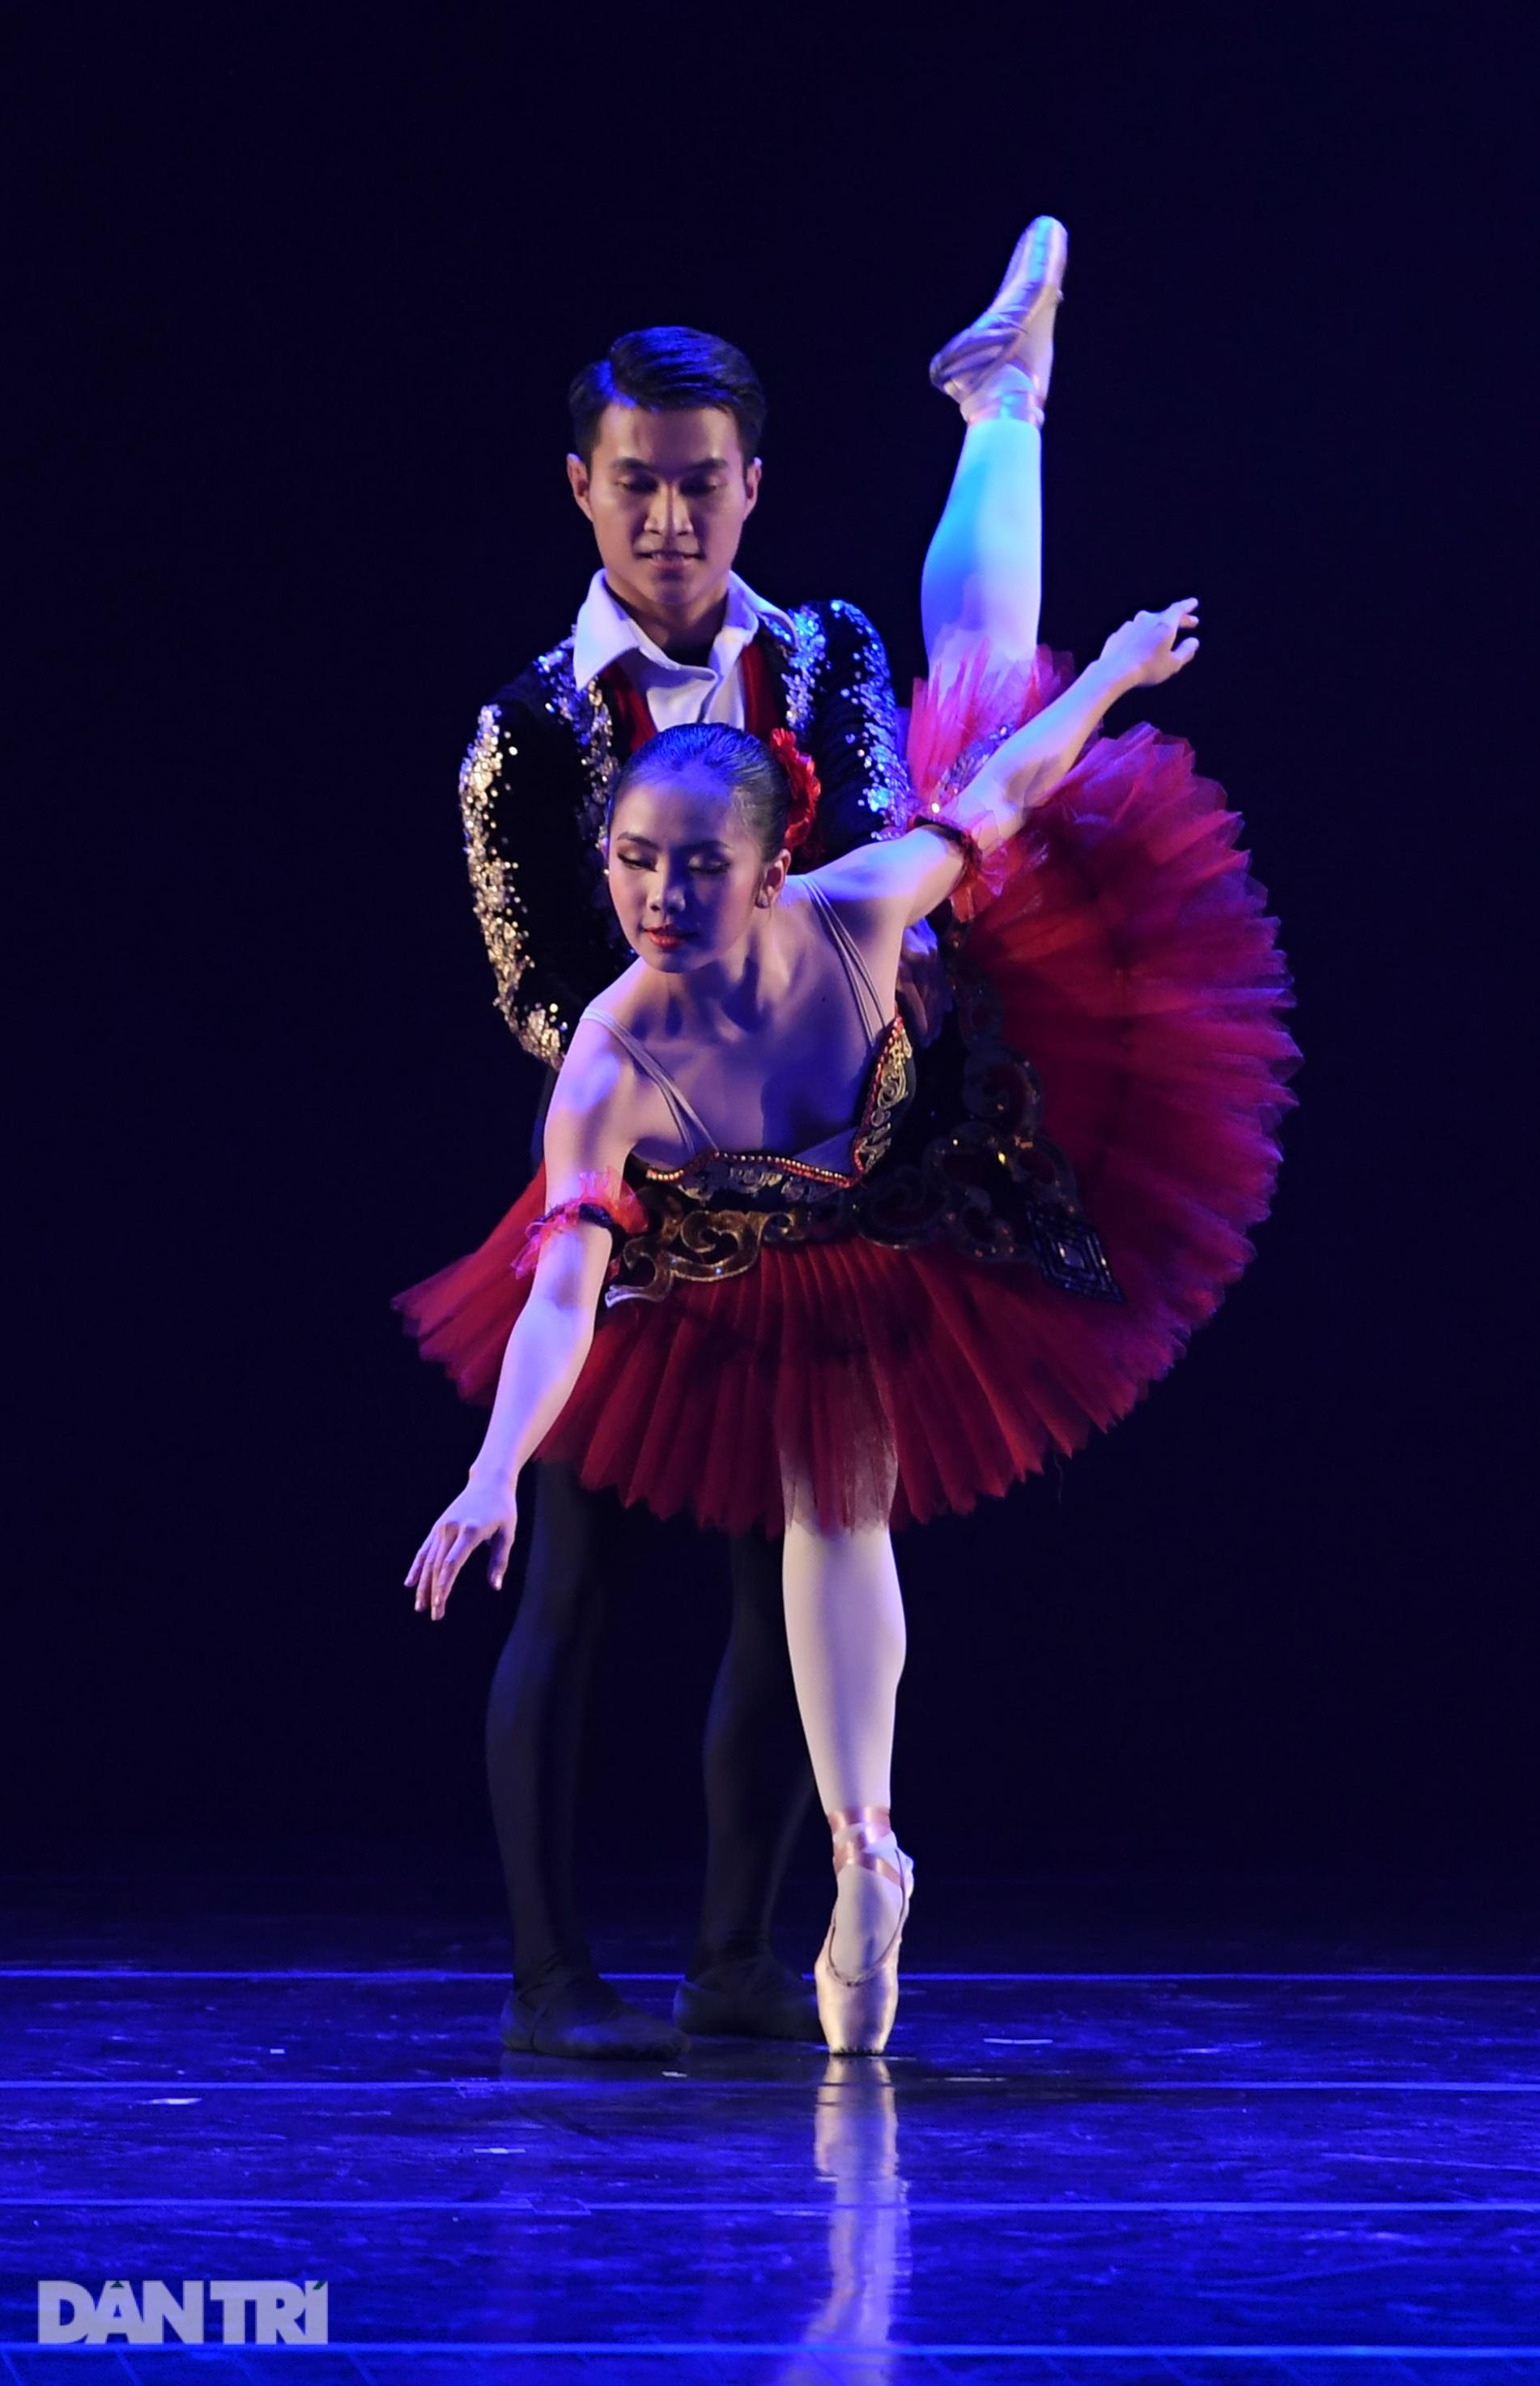 Sau những ngày tranh tài hấp dẫn, các tài năng múa đã lộ diện - 10